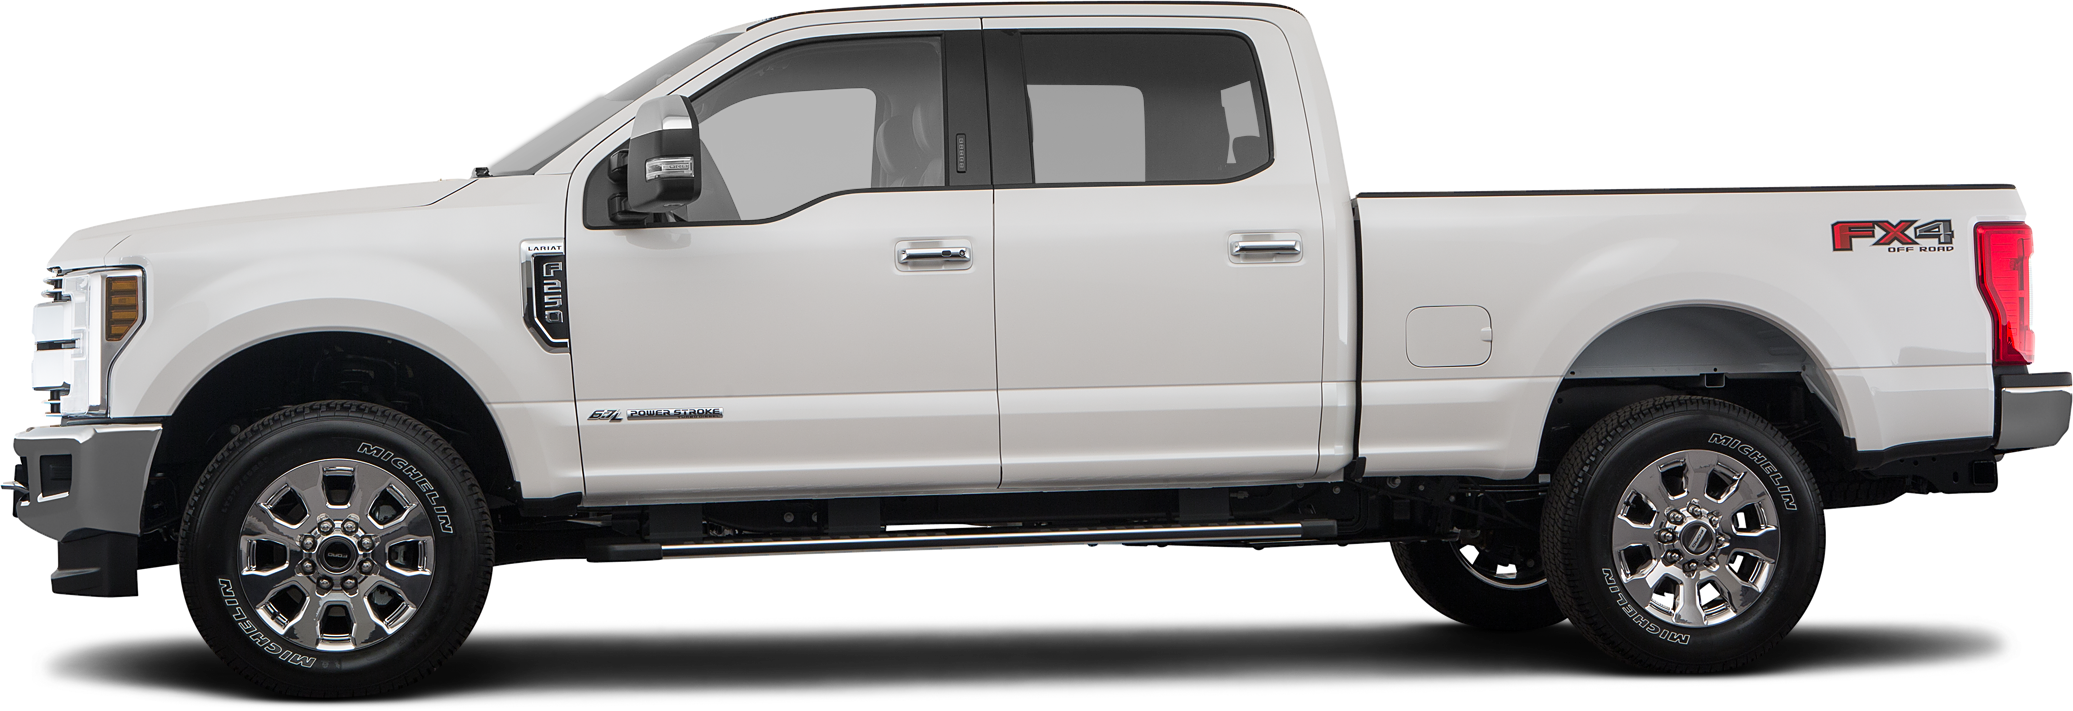 2018 Ford F-250 Truck Lariat